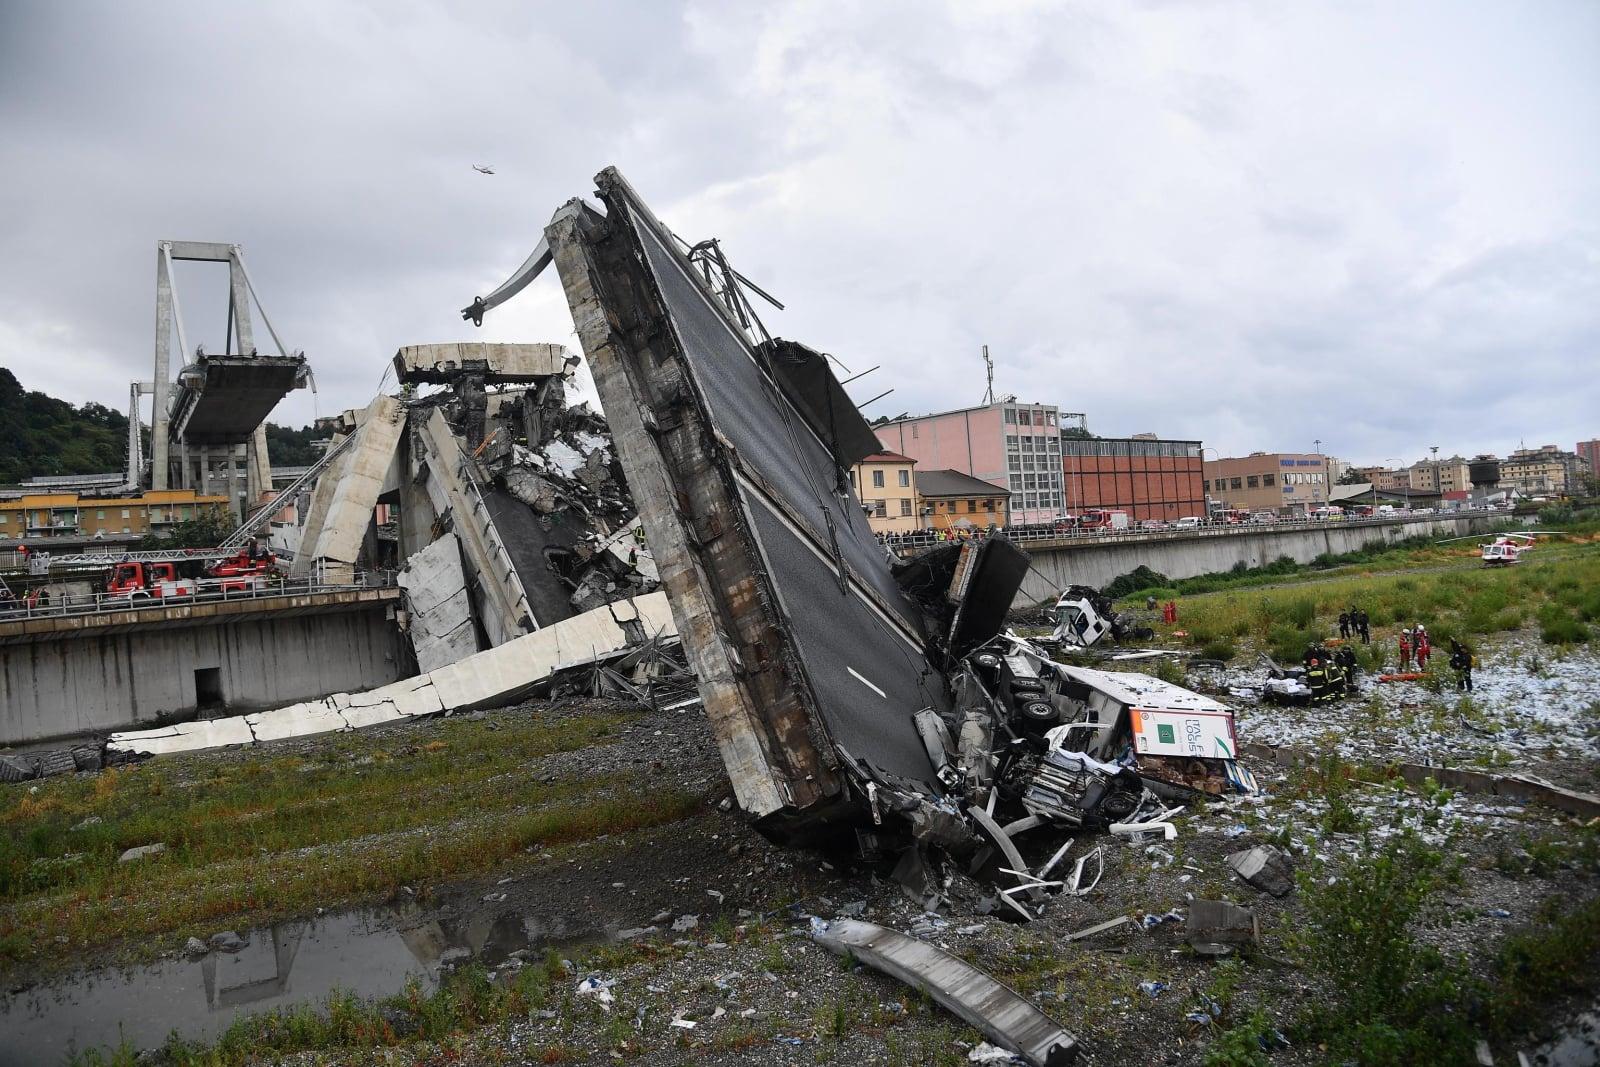 Tragiczny wypadek w Genui - most zawalił się na środku autostrady fot. EPA/LUCA ZENNARO